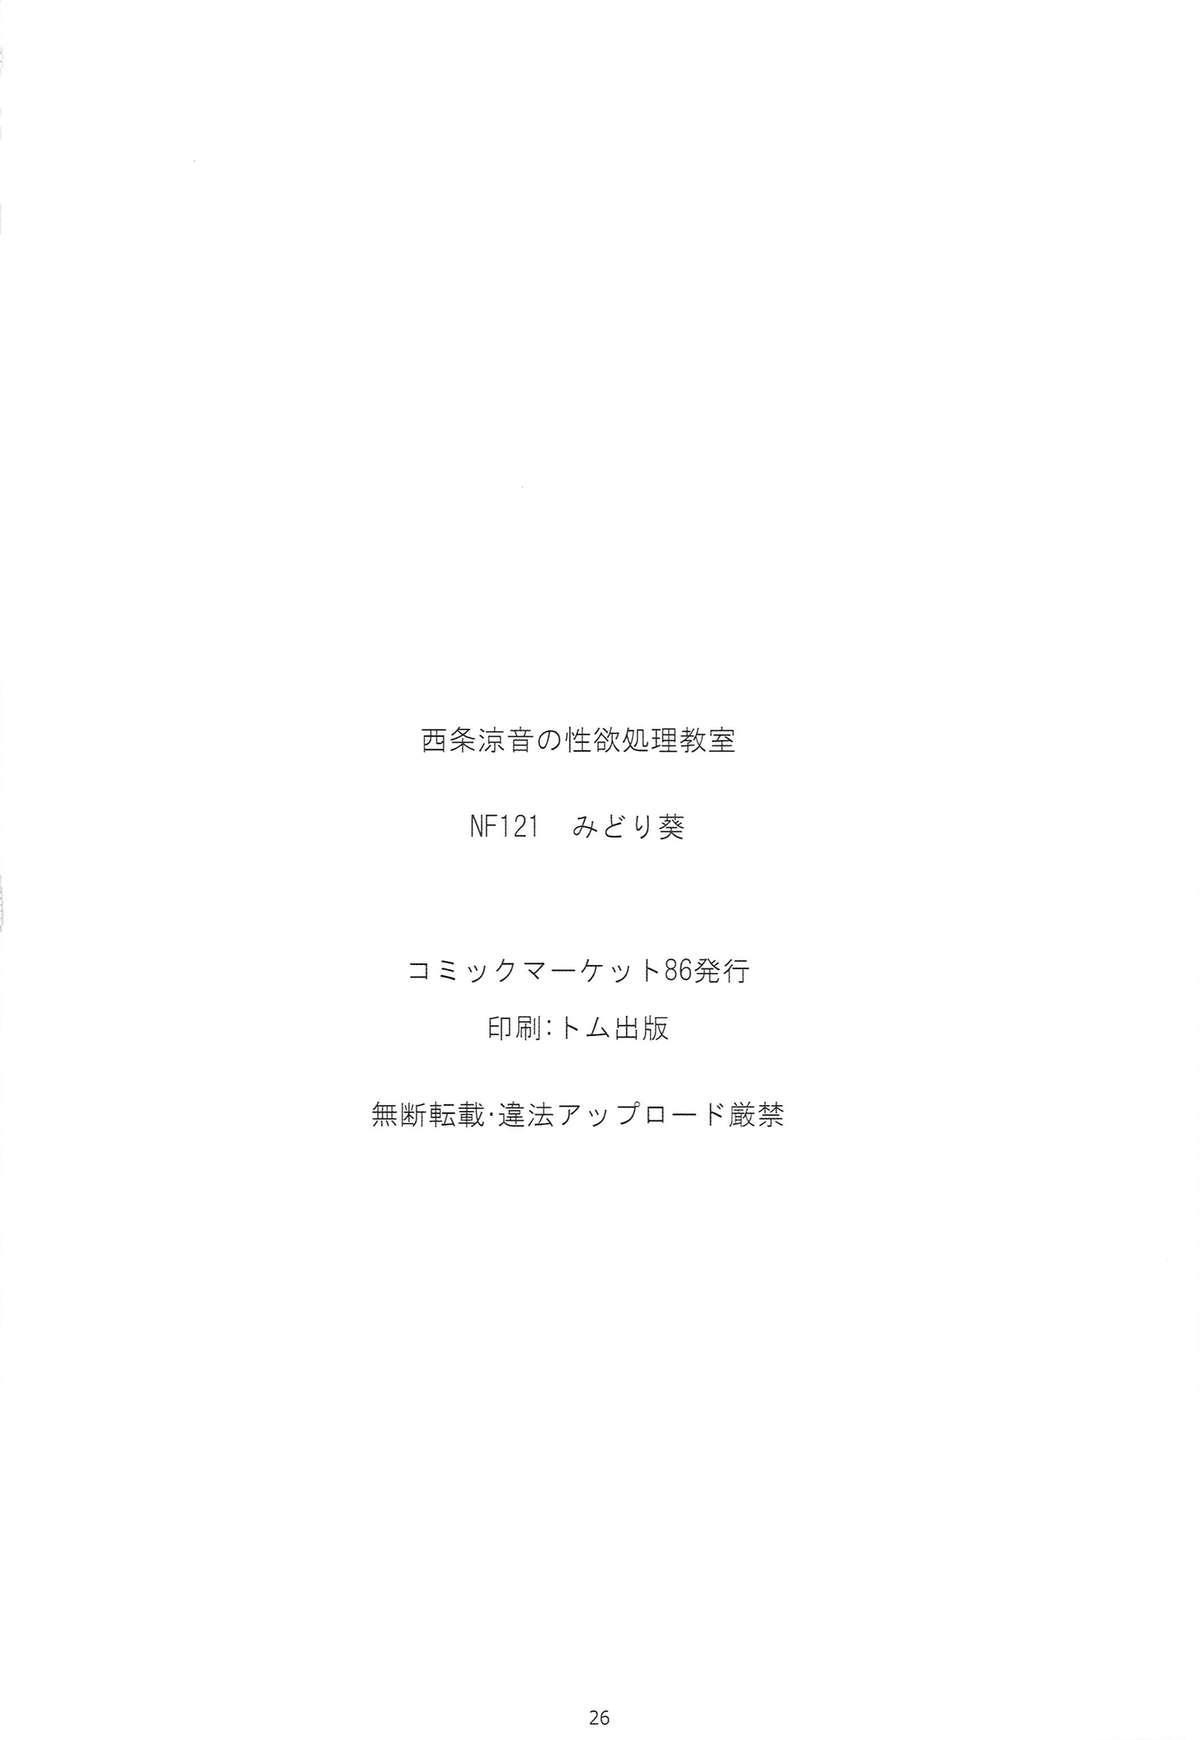 Saijou Suzune no Seiyoku Shori Kyoushitu 26